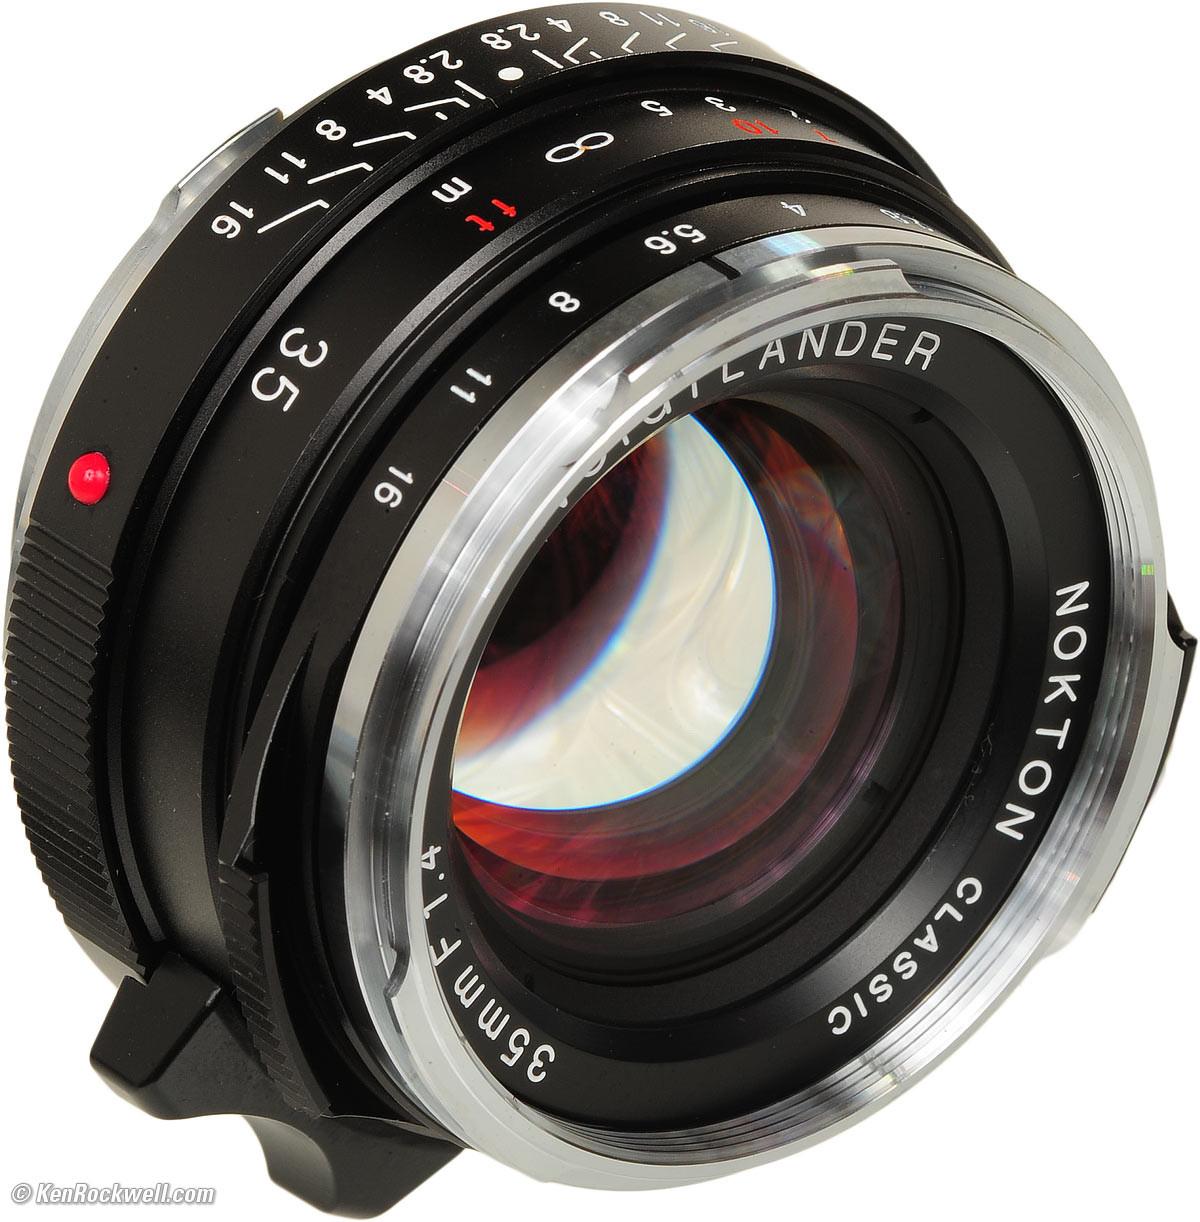 Objectif voigtlander 35mm 1.4 nokton + adaptateur SONY